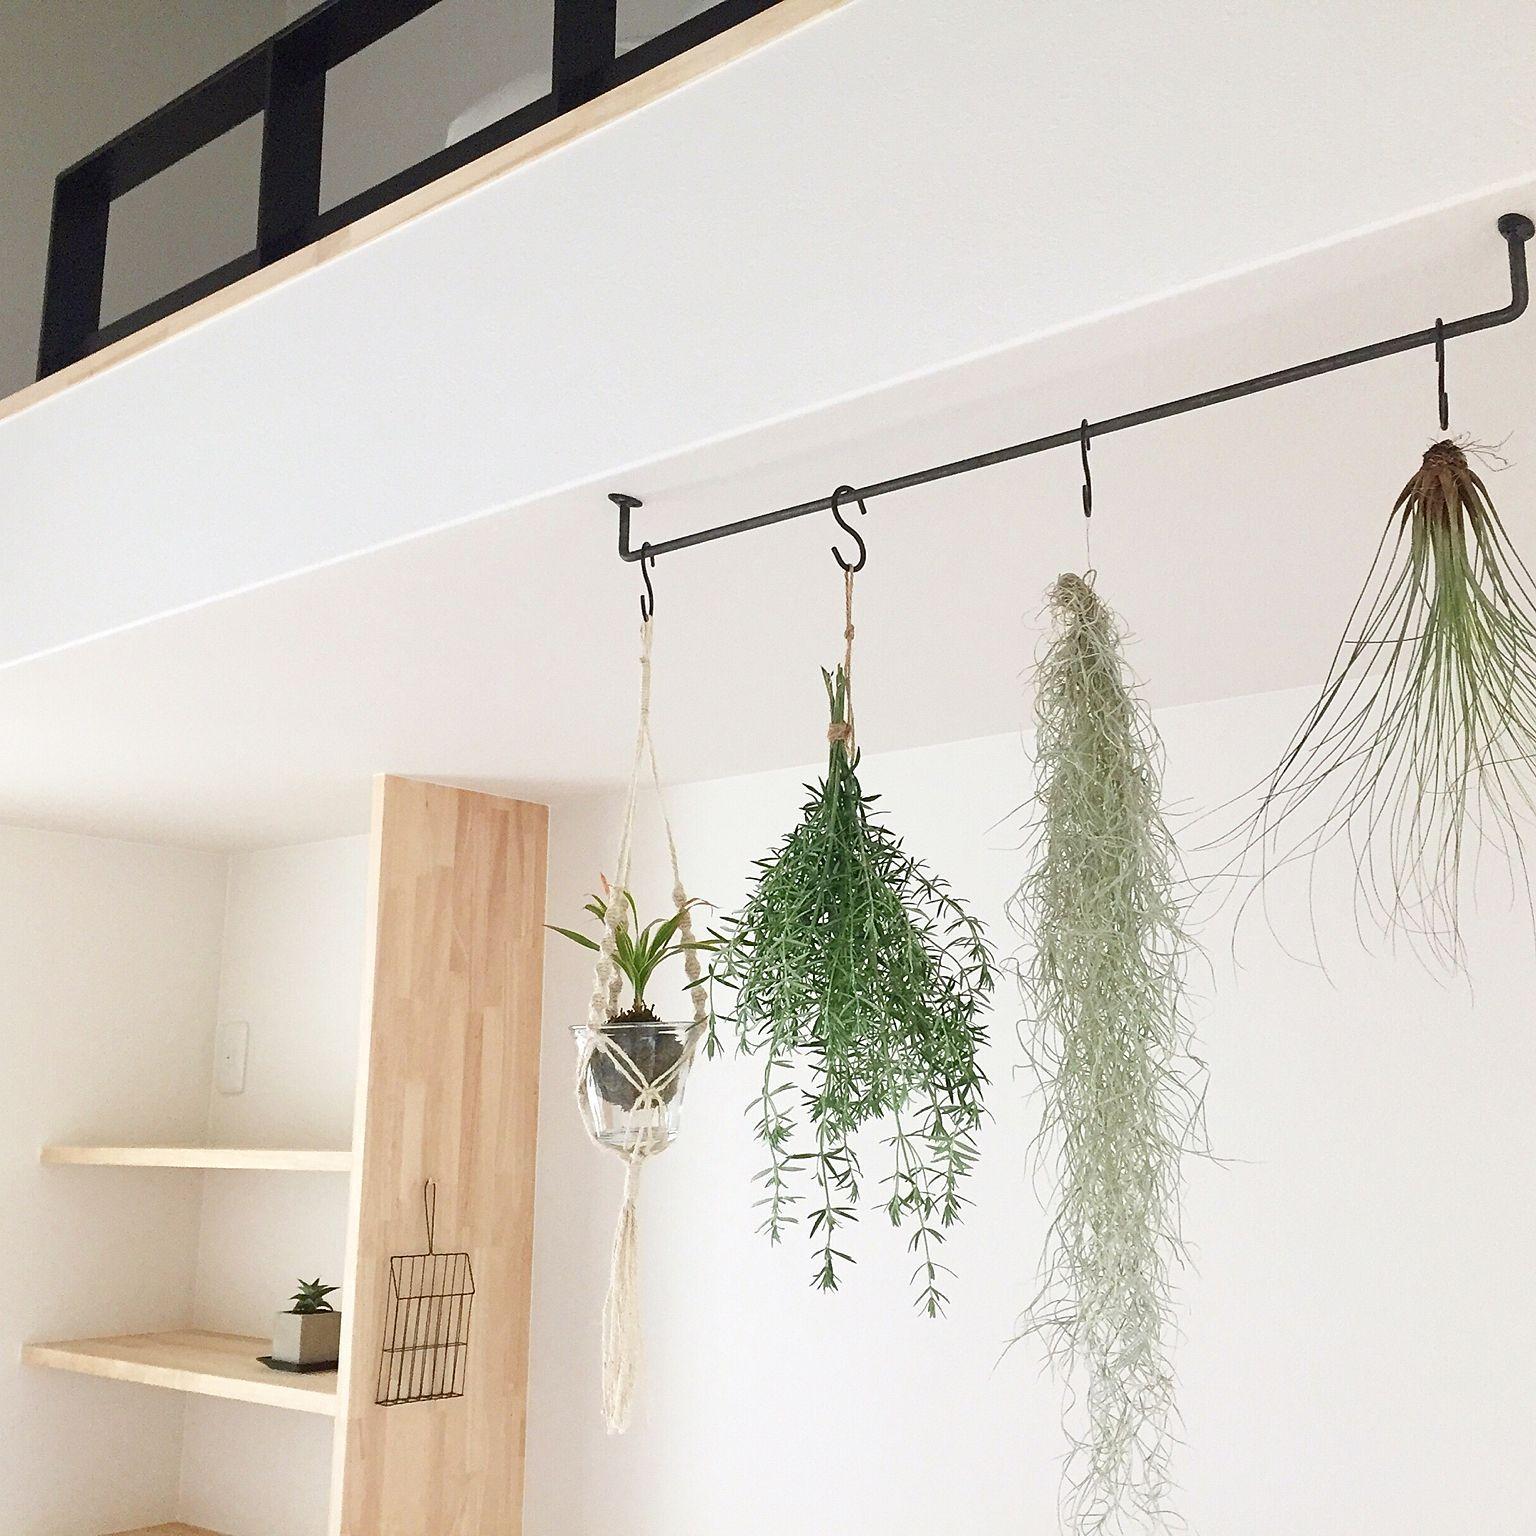 壁 天井 観葉植物 無垢材 ナチュラル 自然光 などのインテリア実例